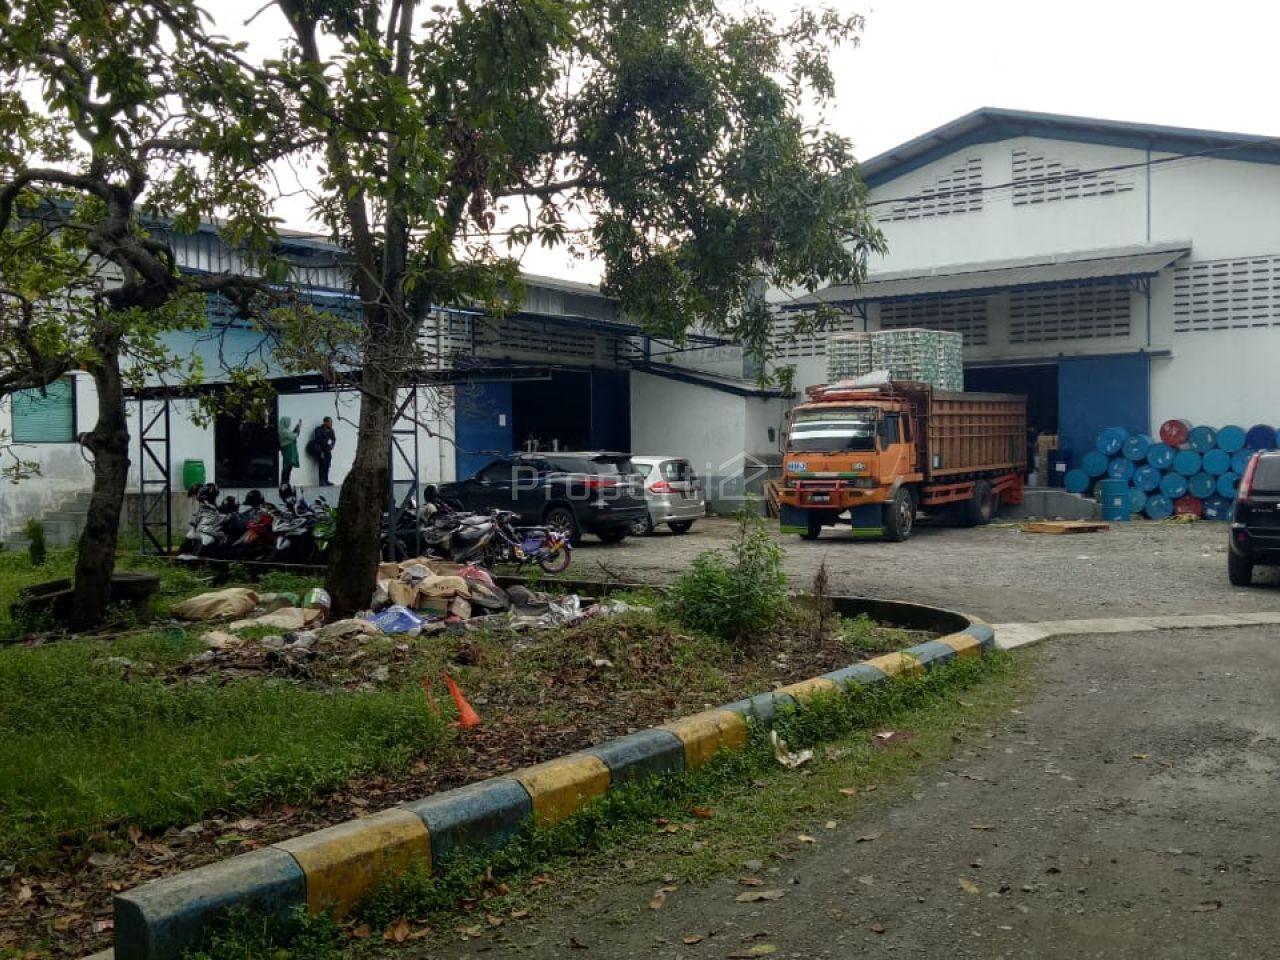 Ex-factory Warehouse in Jatake Industrial Estate, Tangerang, Banten